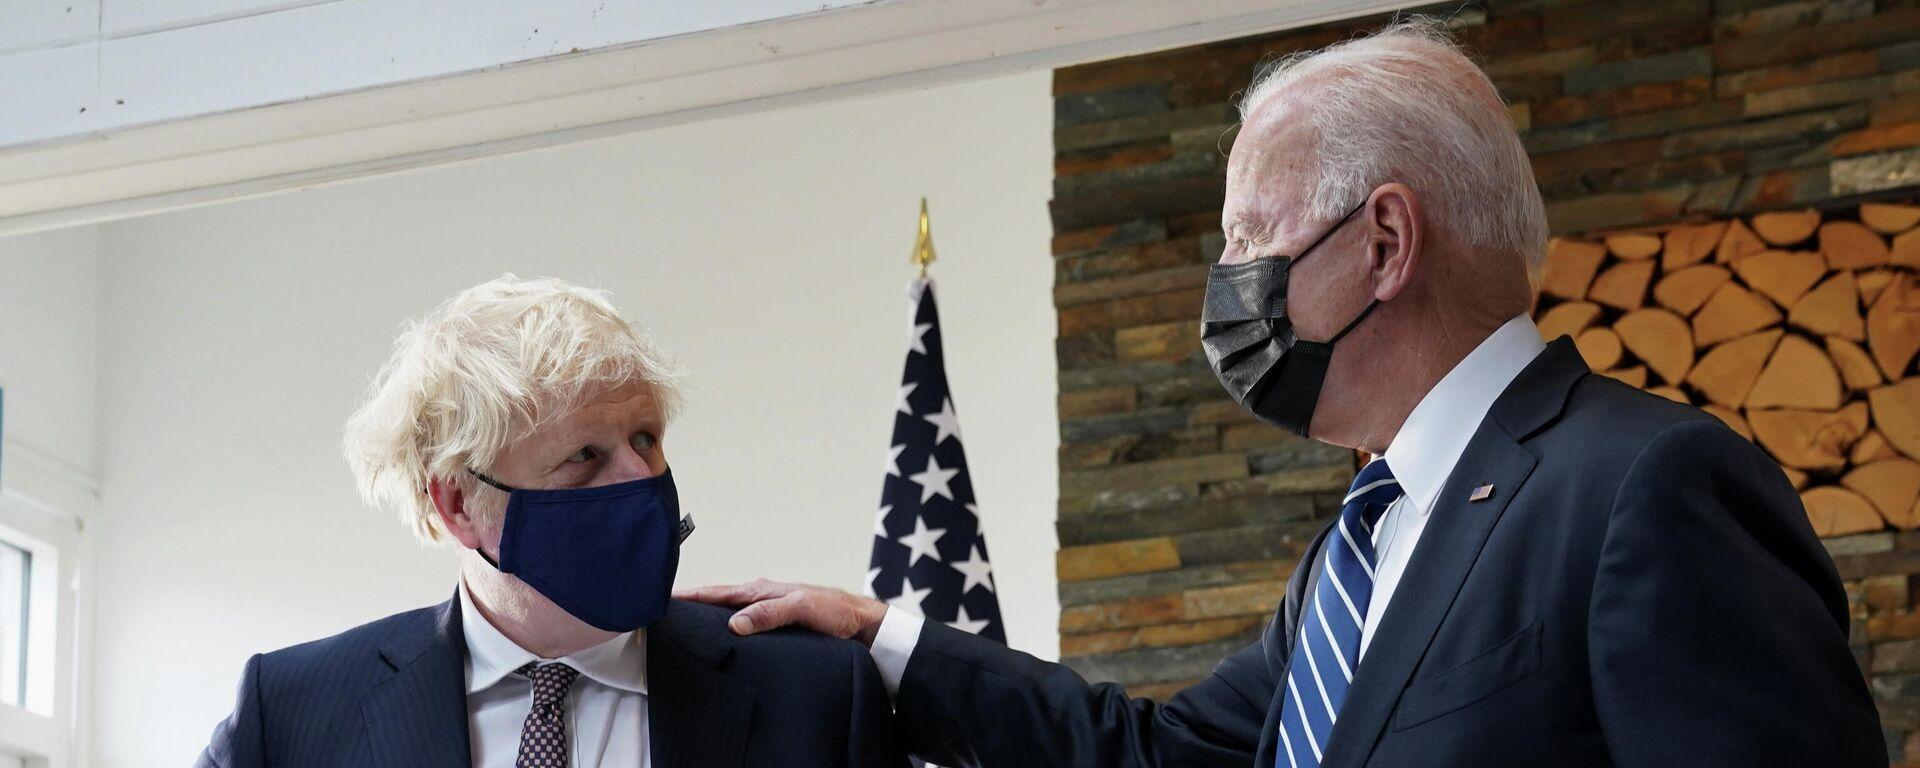 Primer ministro del Reino Unido, Boris Johnson, y presidente de EEUU, Joe Biden - Sputnik Mundo, 1920, 12.06.2021